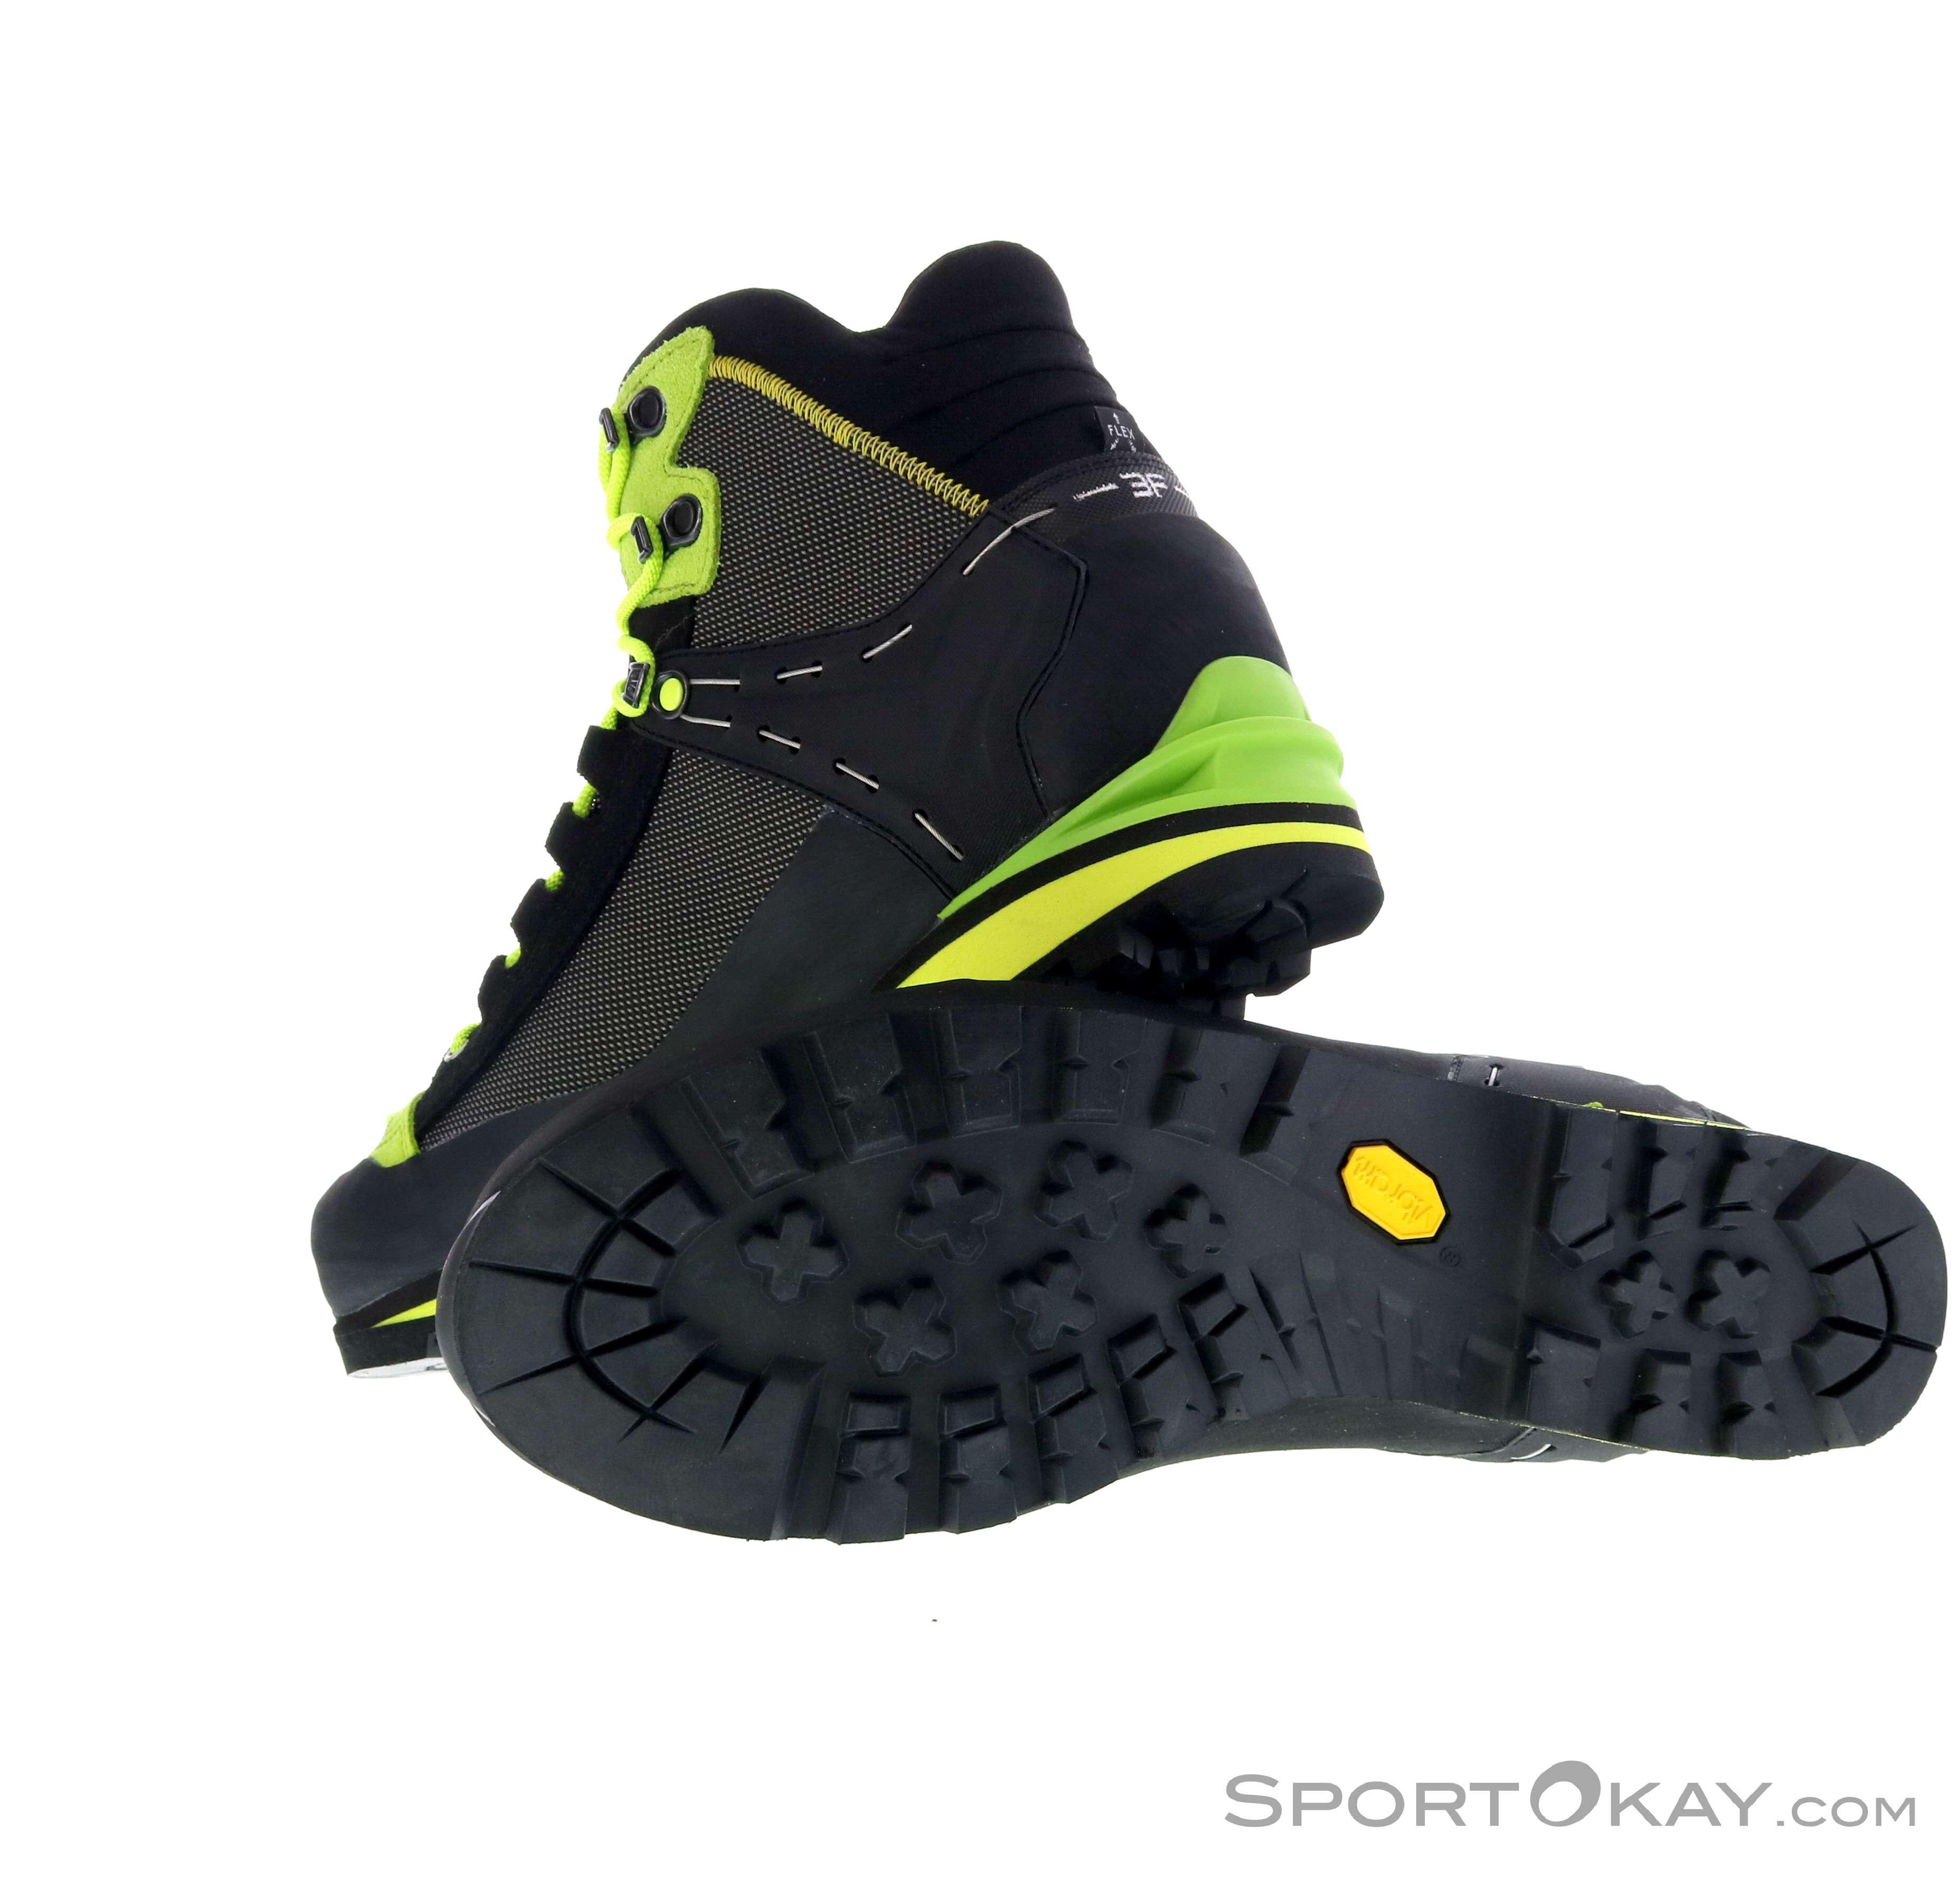 Salewa Crow GTX Uomo Scarpe da Montagna Gore-Tex - Scarpe da ... ce015466e09